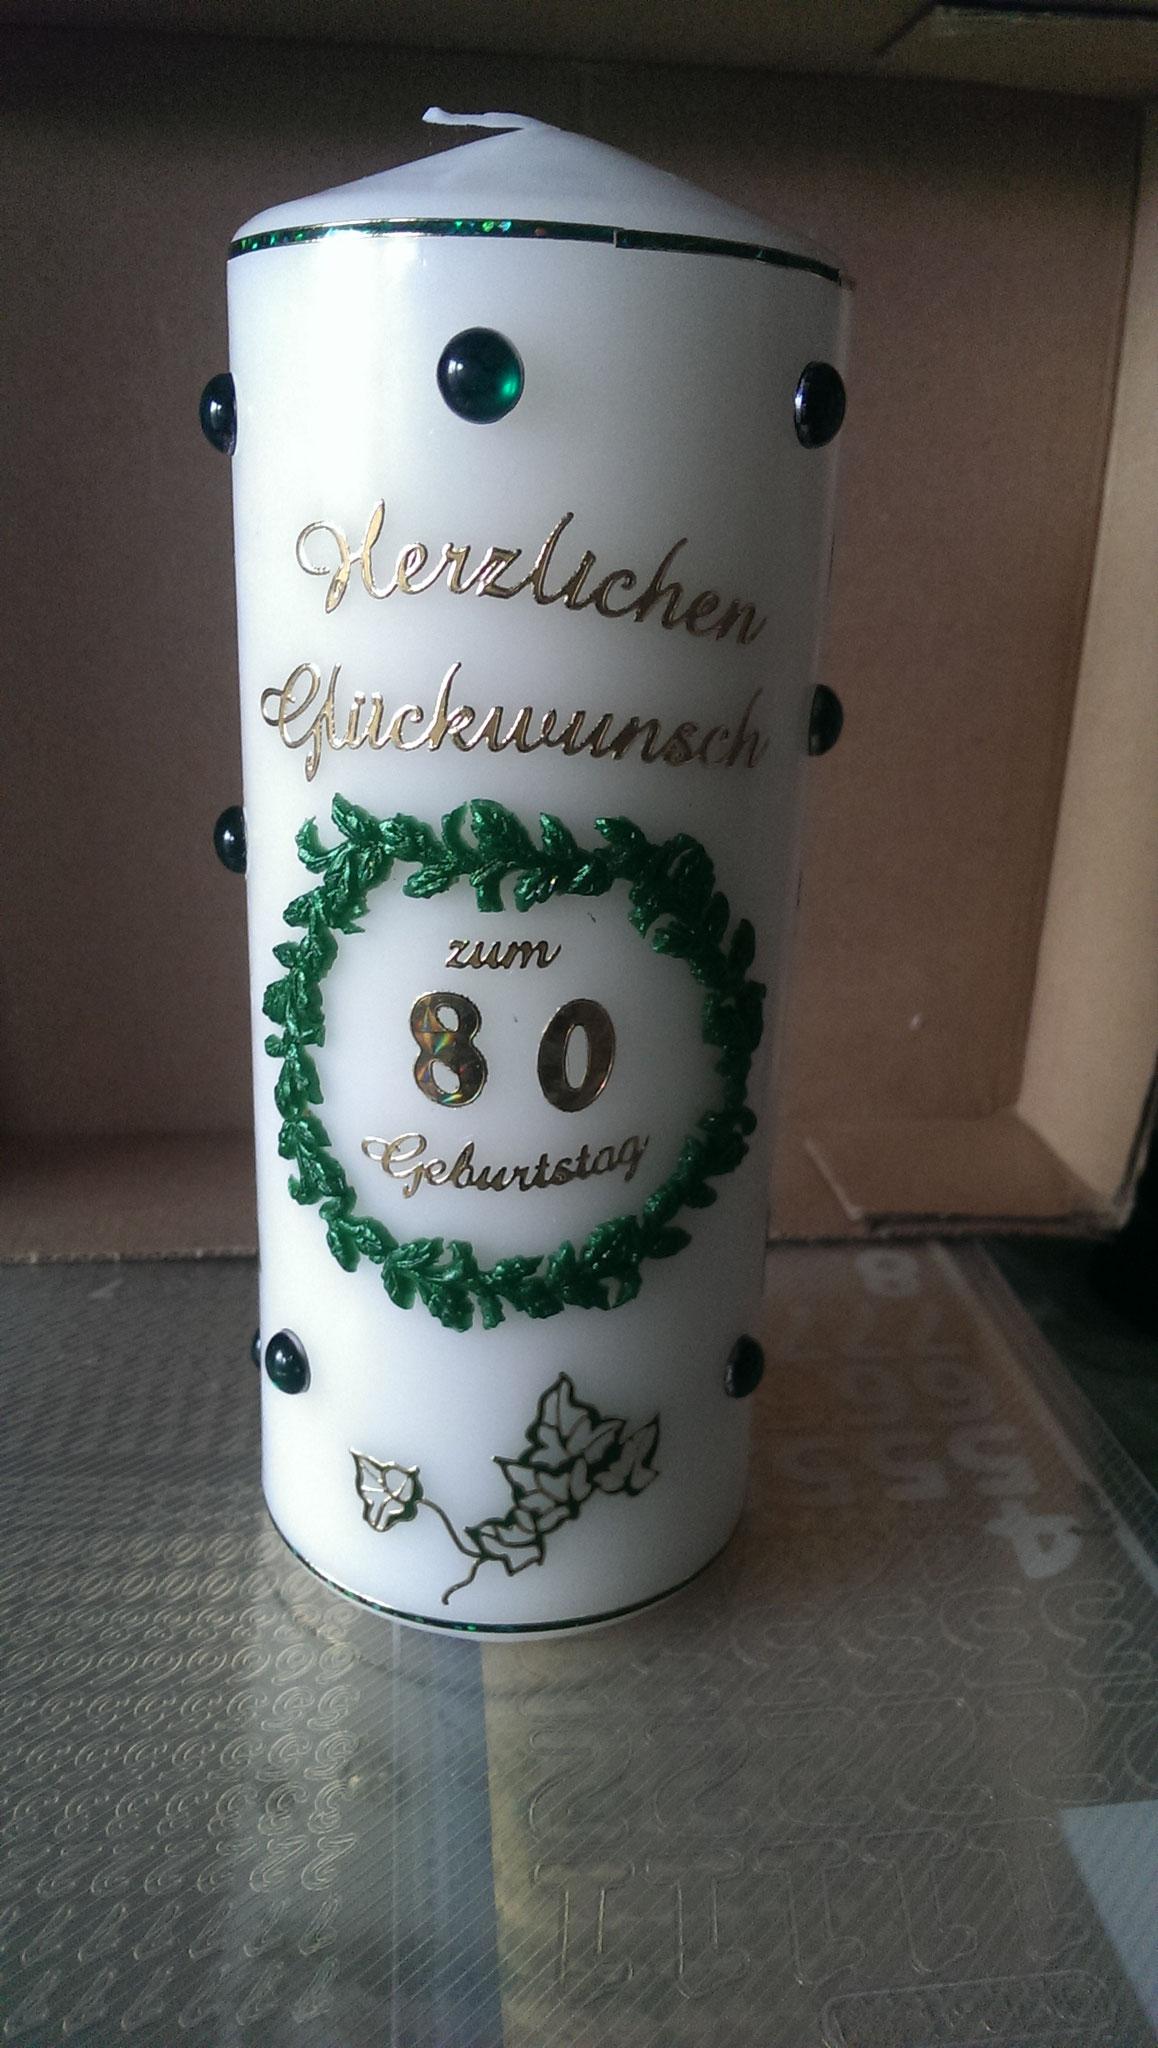 Bilder 3 und 4: Hier wurde eine Kerze zum 80. Geburtstag in der Wunschfarbe grün gestaltet. Auch diese Kerze soll nicht angebrannt werden...